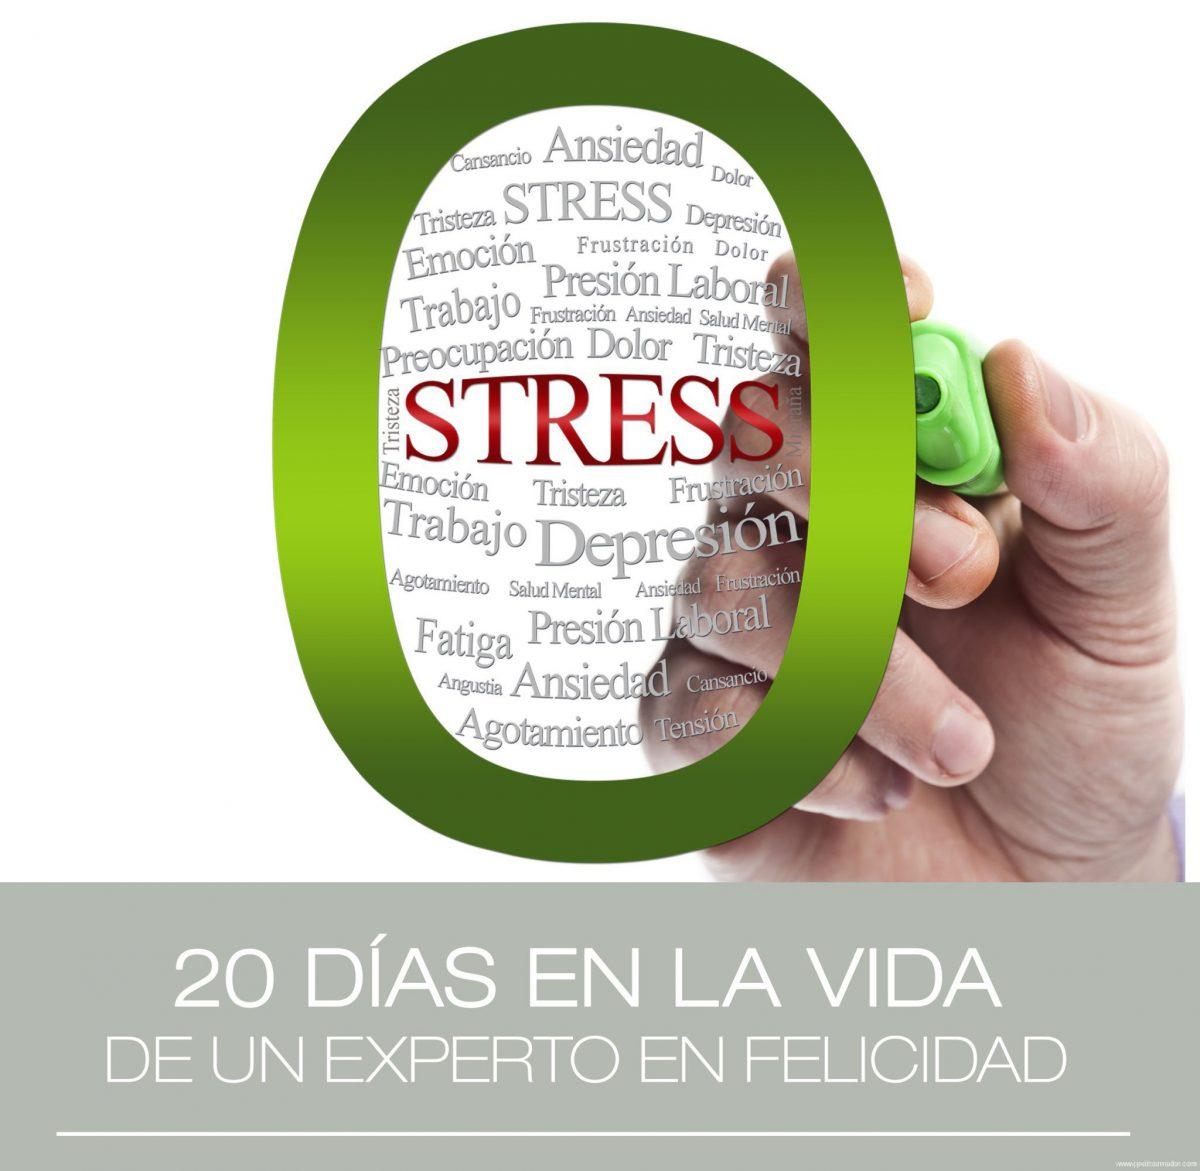 zero stress experto felicidad